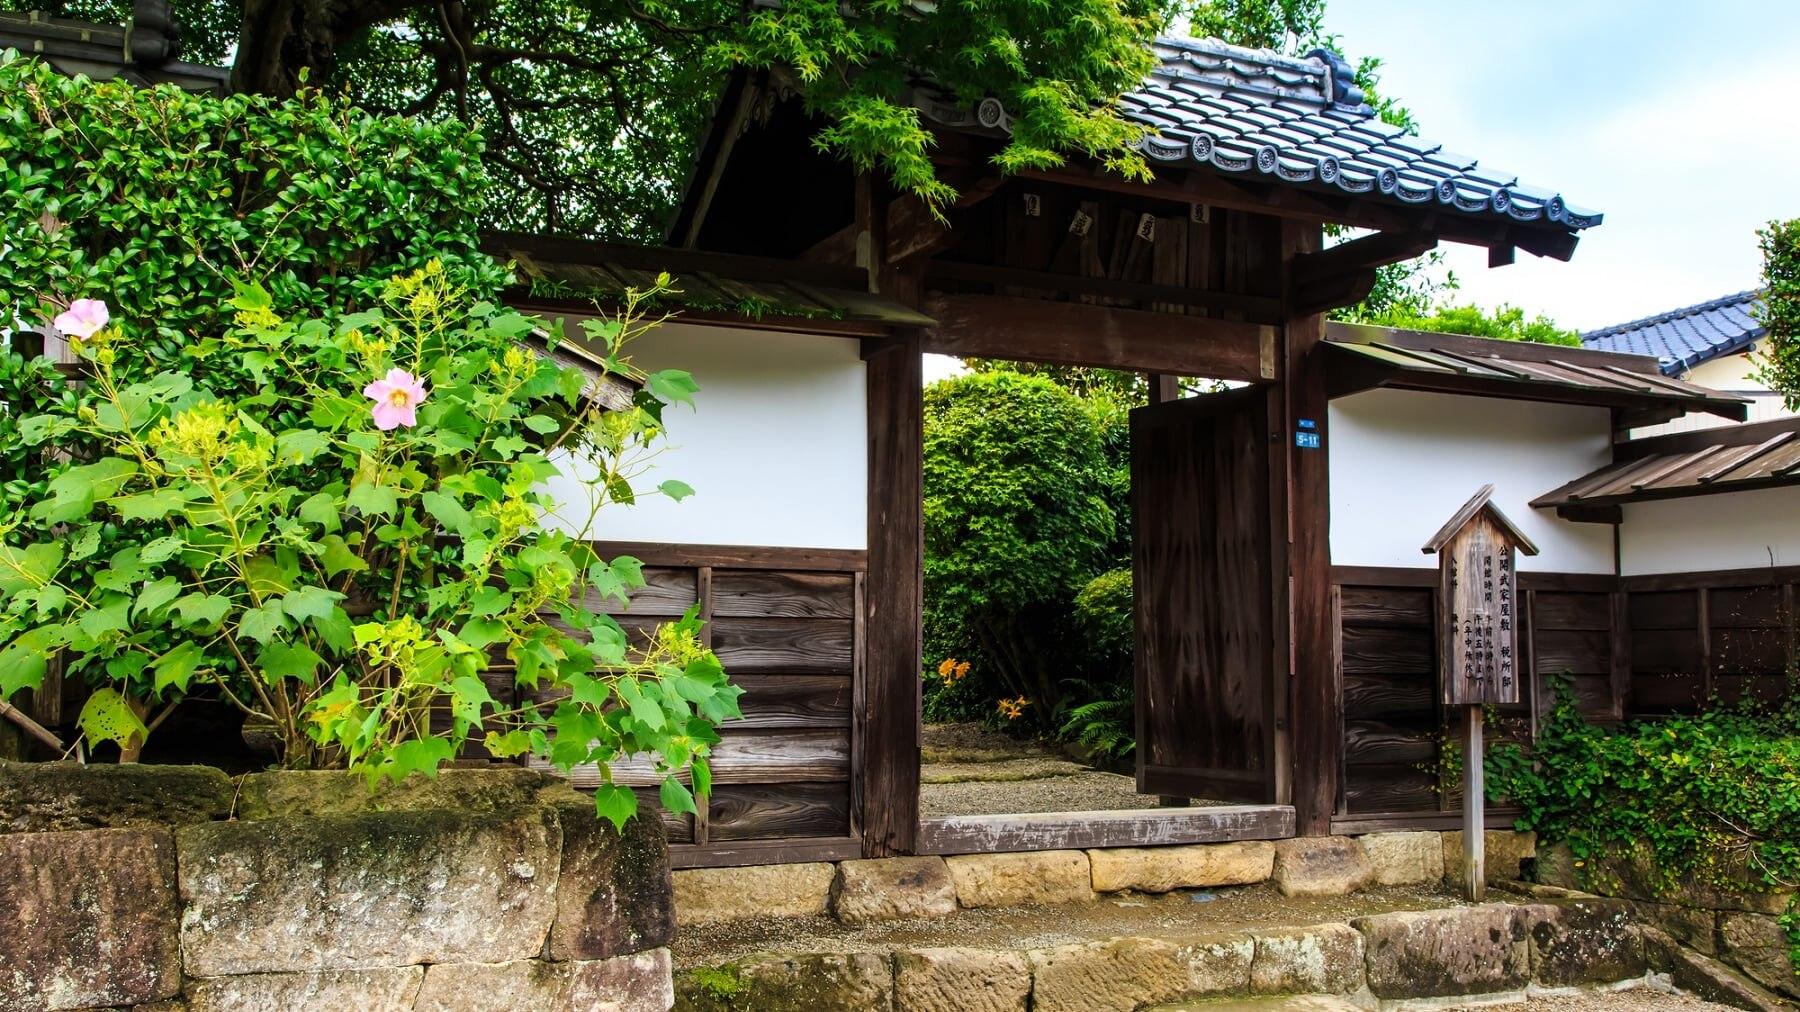 薩摩藩最大級の武家街!『篤姫』にも登場した出水麓武家屋敷群を観光しよう